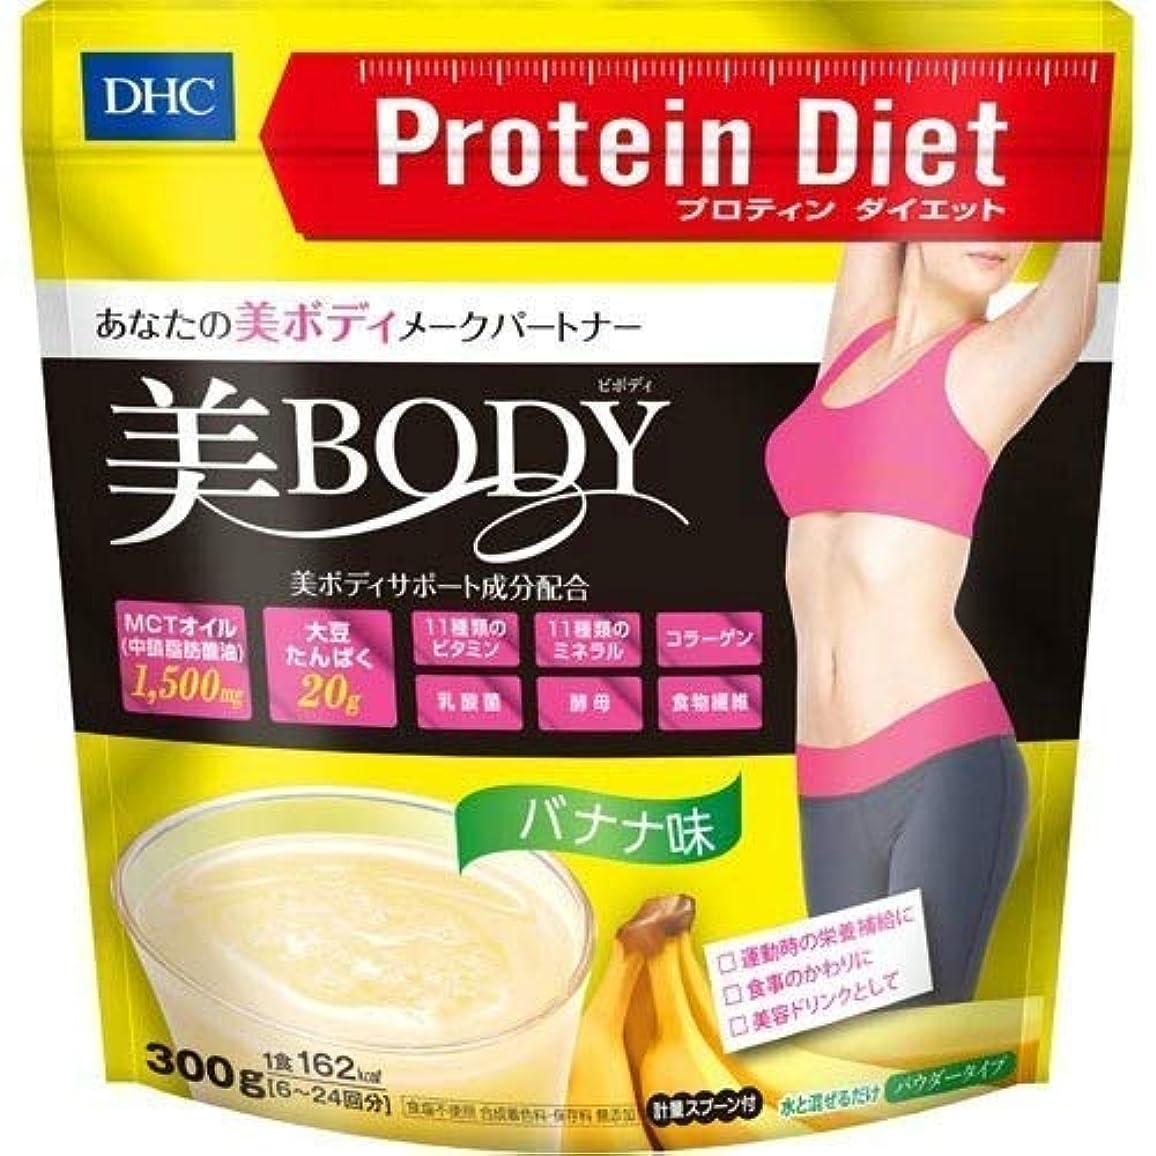 アミューズプランターリーチDHC プロテインダイエット 美Body バナナ味 300g×2個